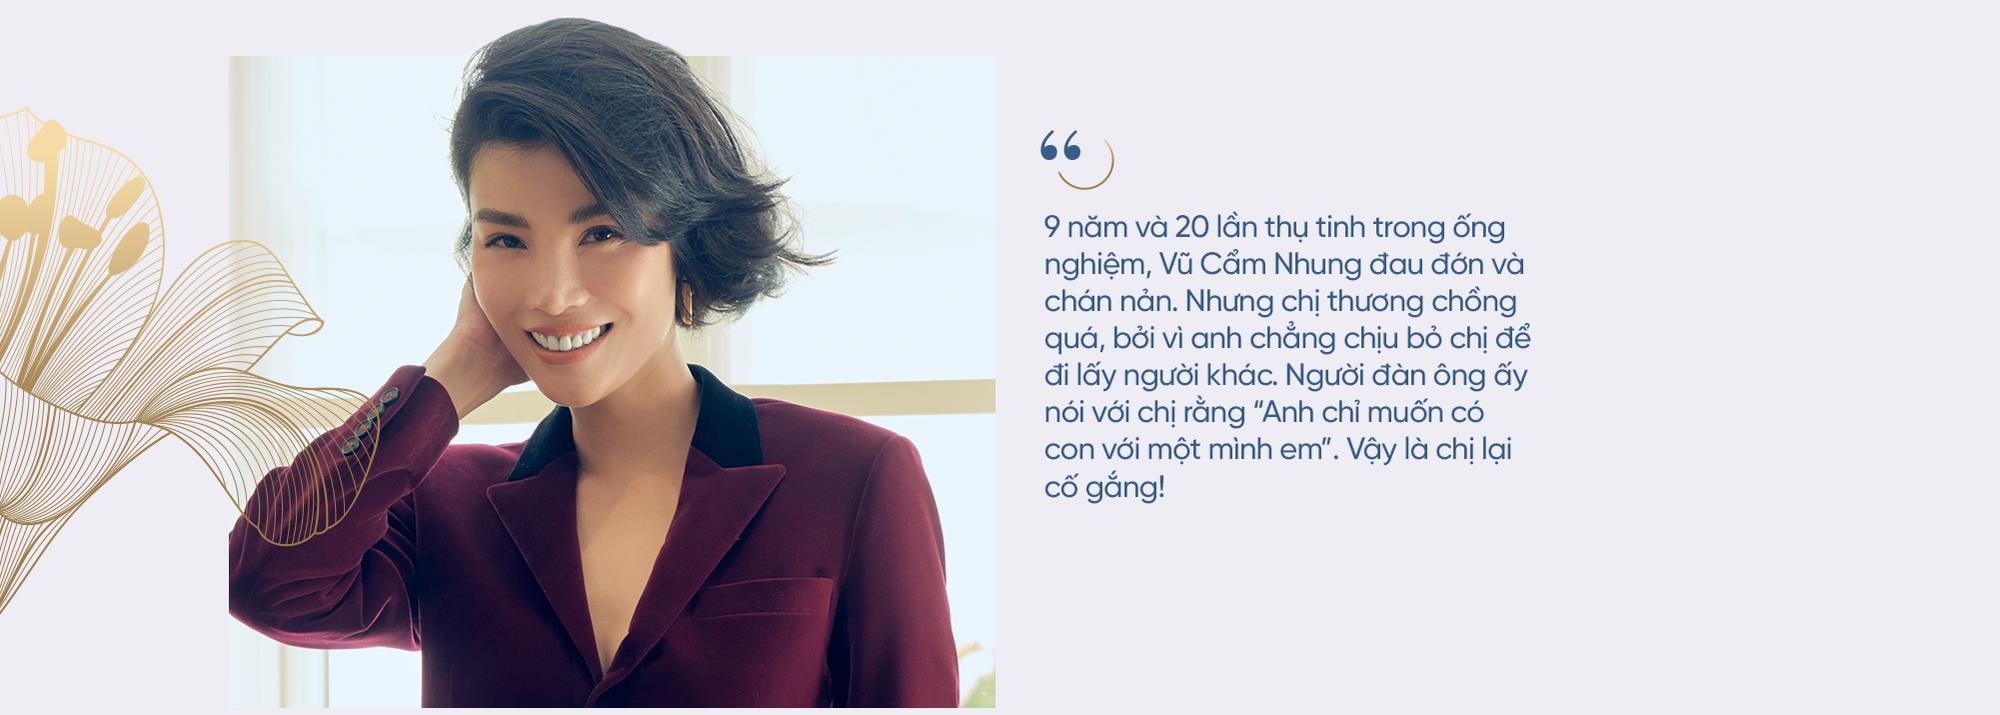 """Siêu mẫu đầu tiên của Việt Nam Vũ Cẩm Nhung: Người đàn bà thép trải qua 20 lần thụ tinh ống nghiệm để tìm con, hồi sinh sau trầm cảm để thành một """"tôi"""" tốt hơn - Ảnh 13."""